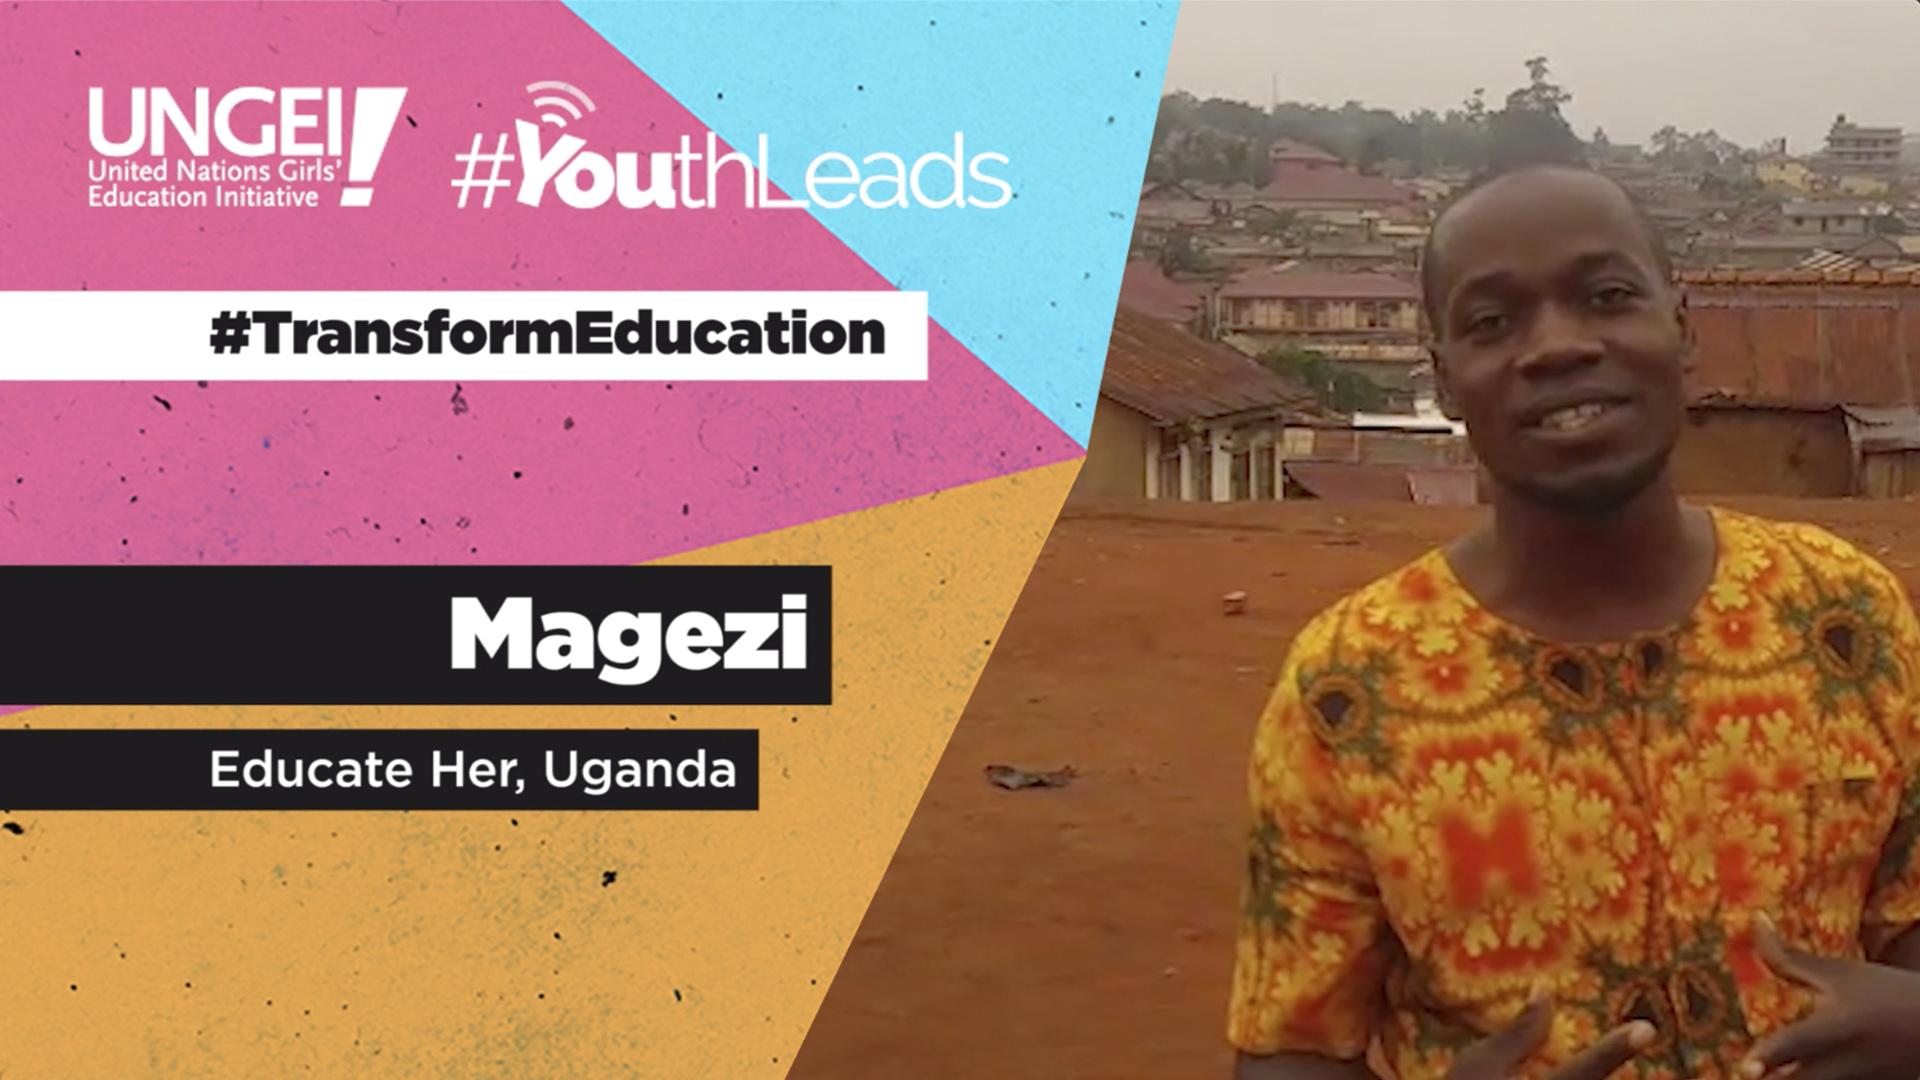 Magezi, Educate Her, Uganda